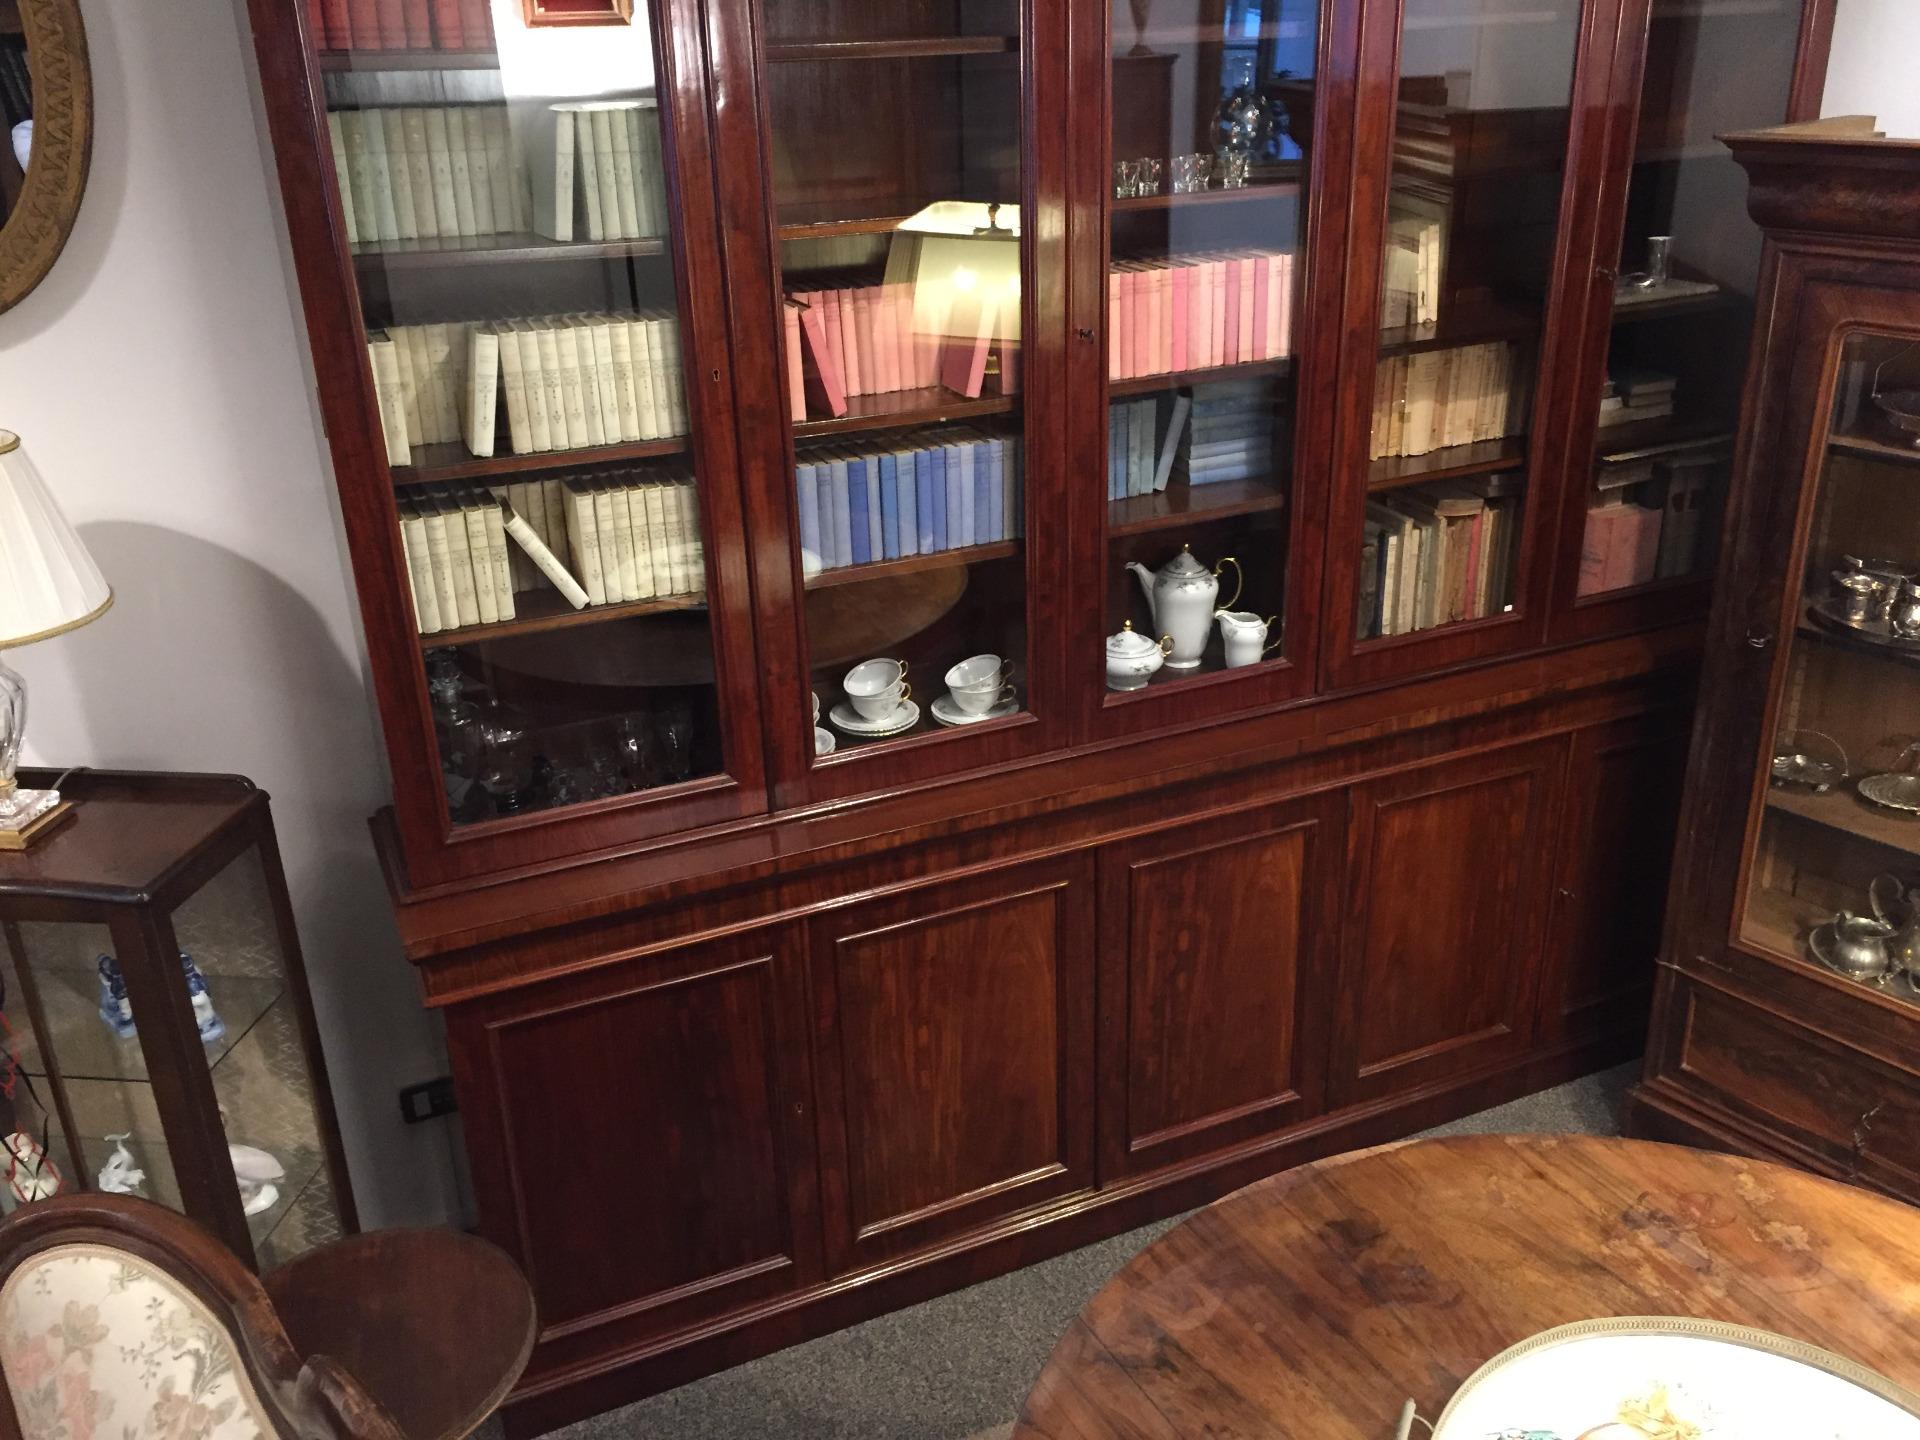 Libreria in mogano anni 30 40 inglese stile vittoriano antiquariato su anticoantico - Mobili stile anni 30 ...